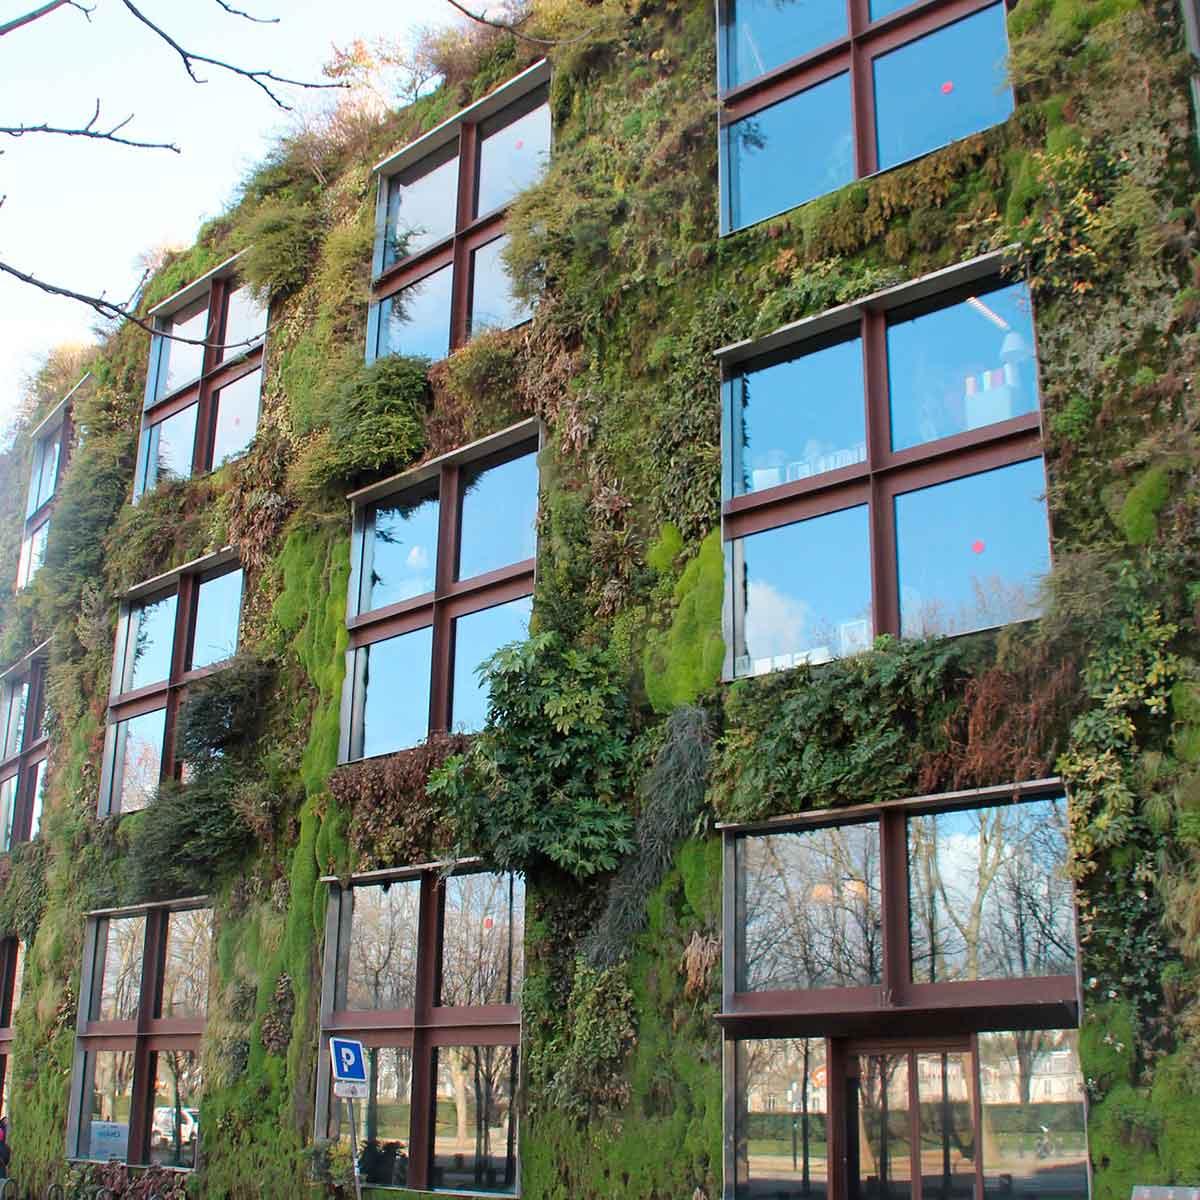 Tendencias de jardines verticales para interiores y exteriores con soporte de sustrato